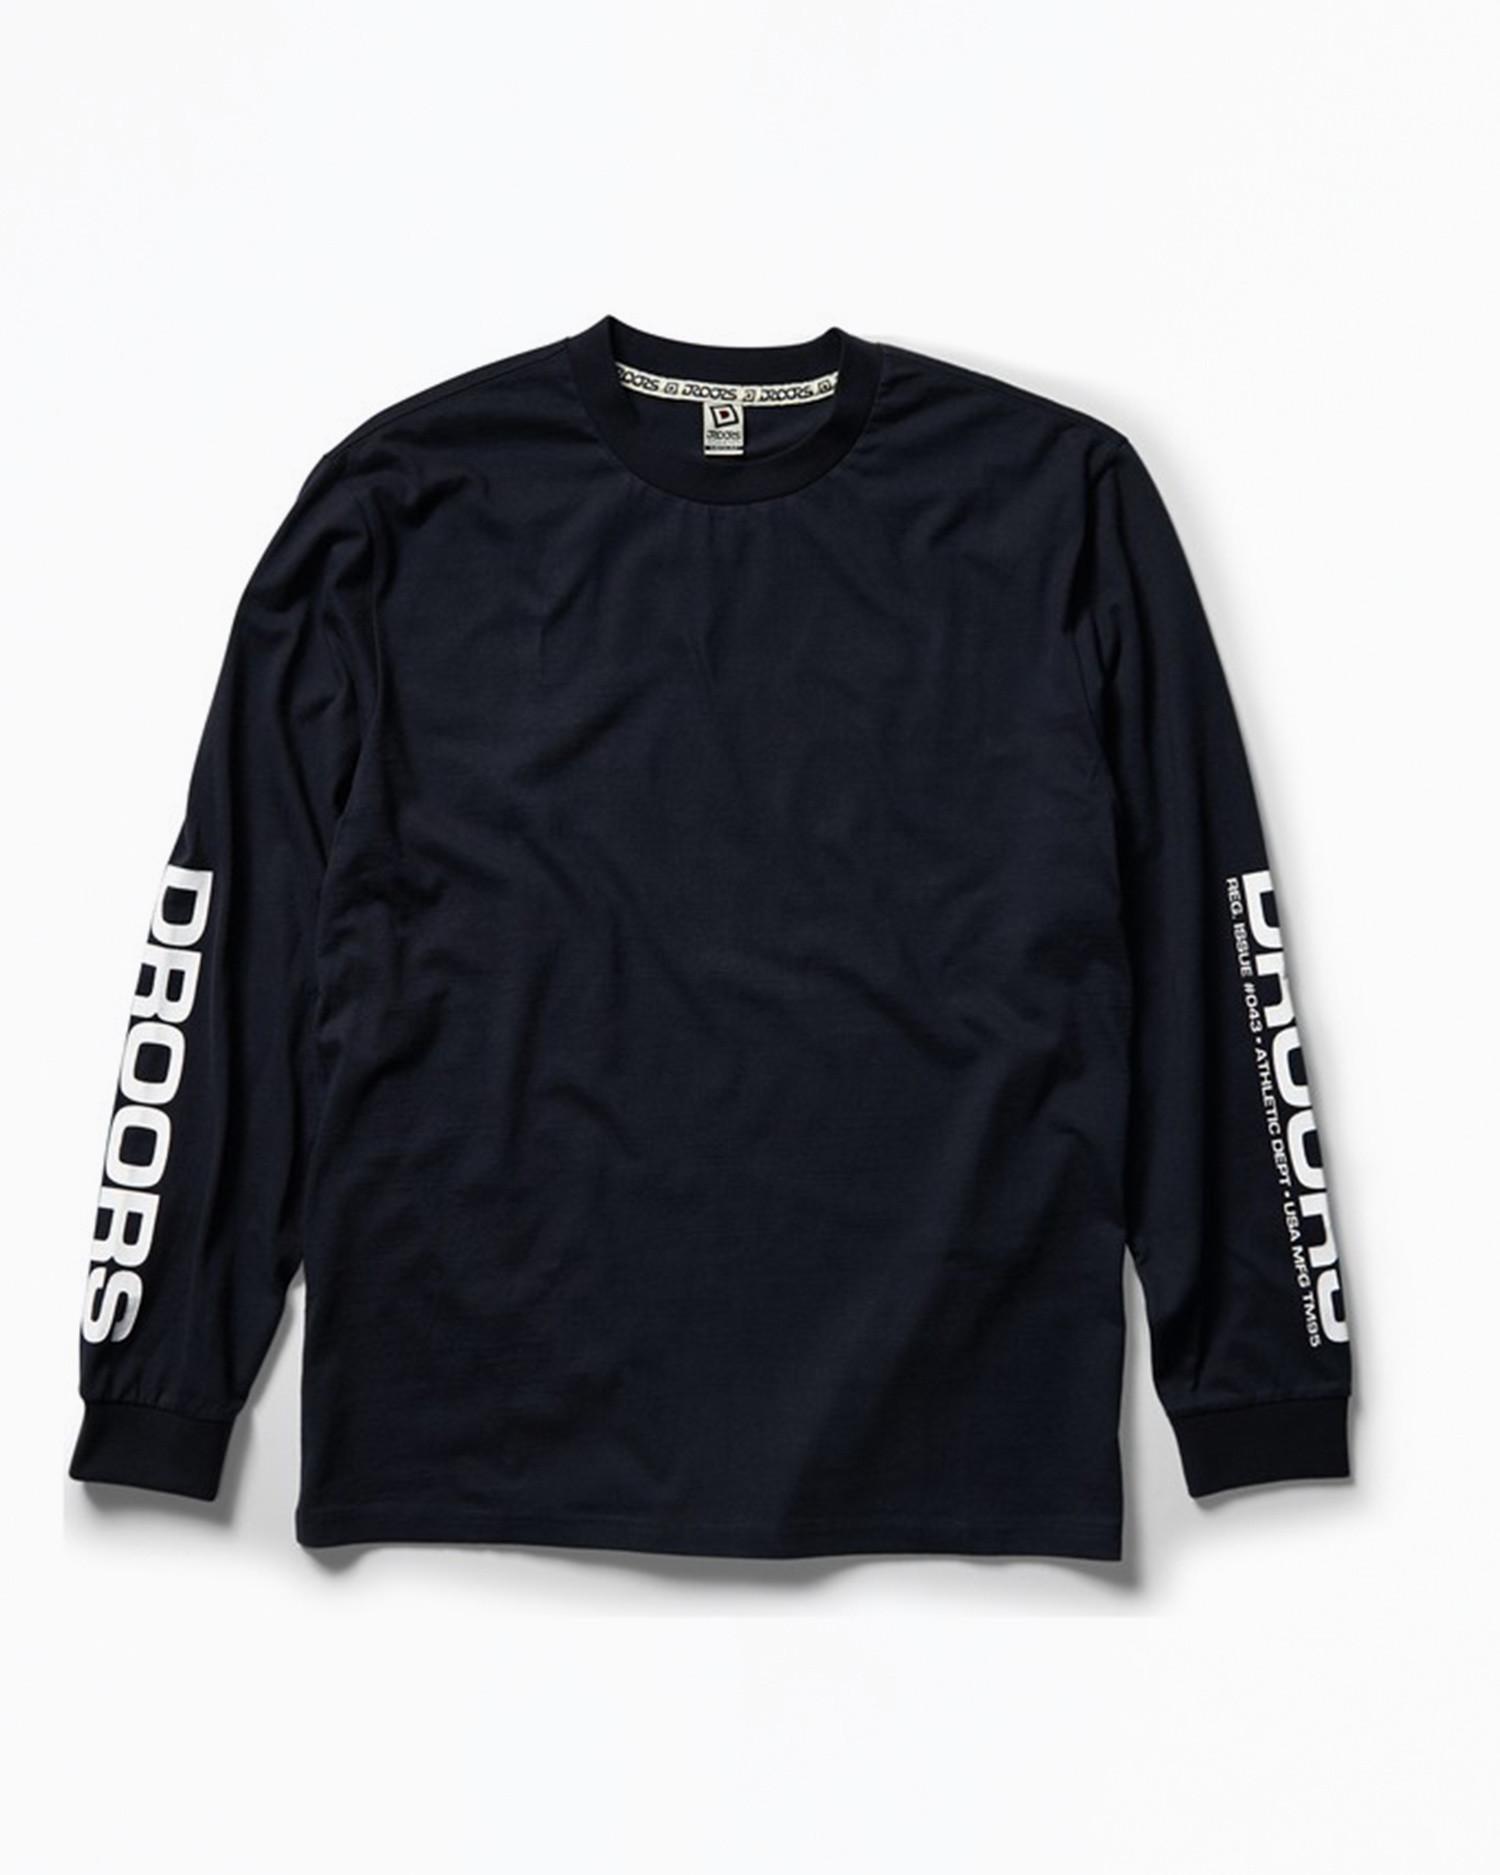 DROORS No. 42 Longsleeve T-Shirt Navy